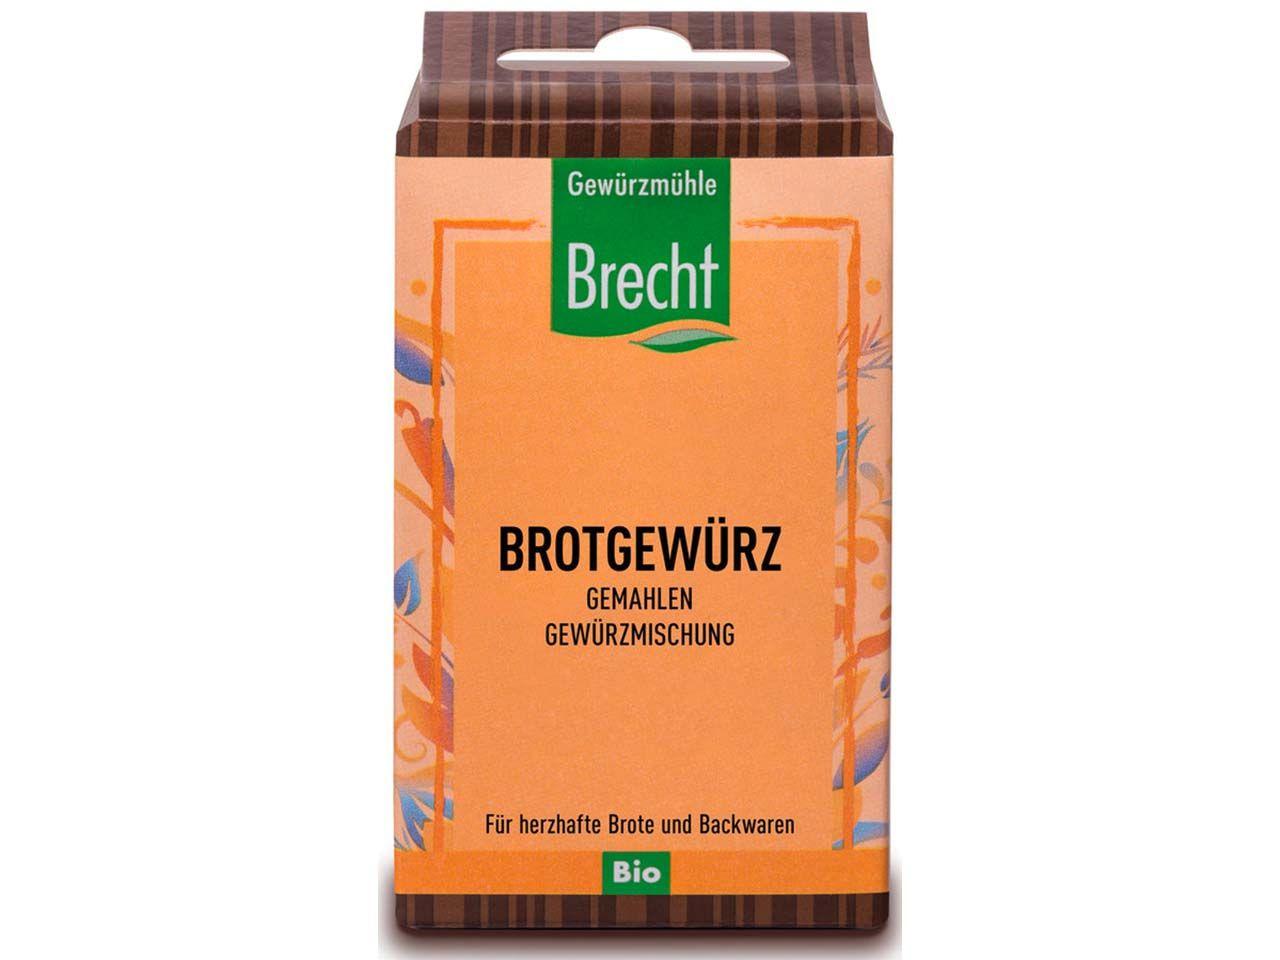 Brecht Bio-Brotgewürz gemahlen 30 g 126002001